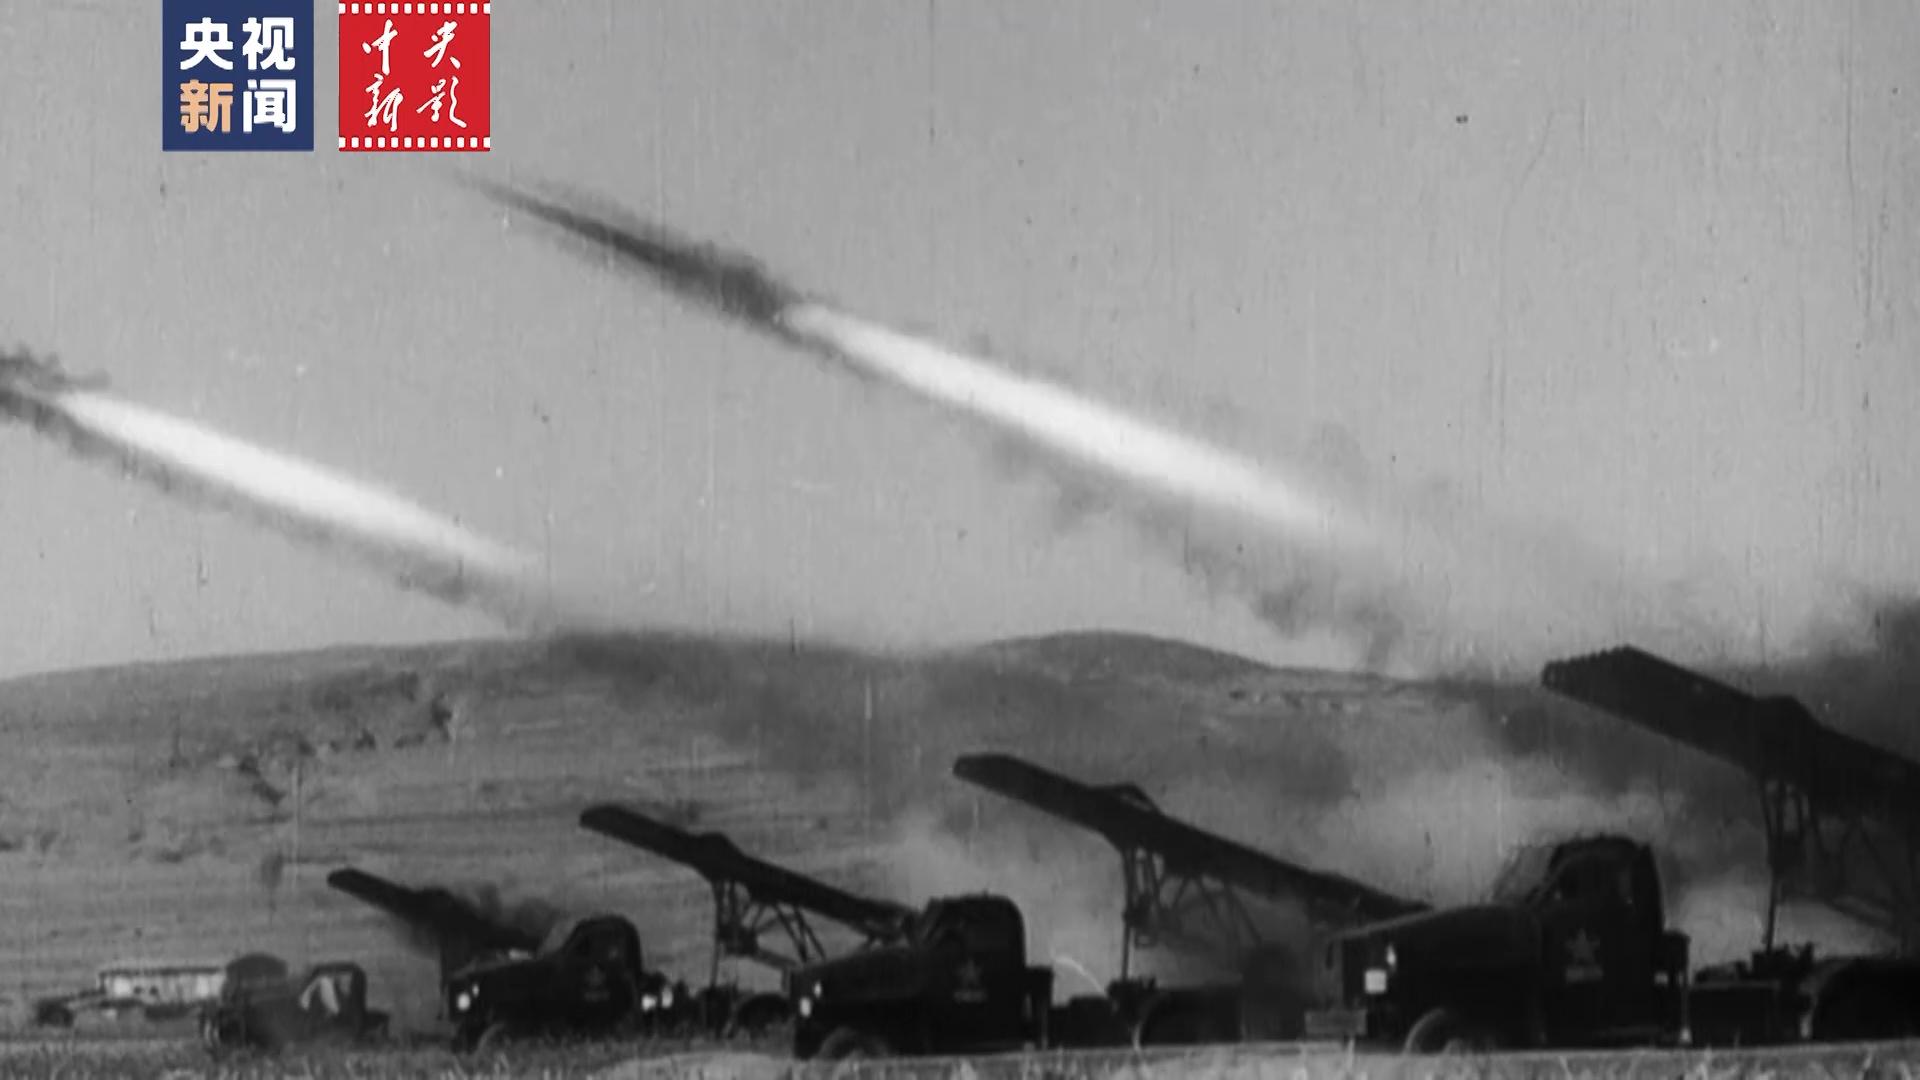 新影像丨43天打出國威軍威 美軍寸土未得——《鏖戰上甘嶺》